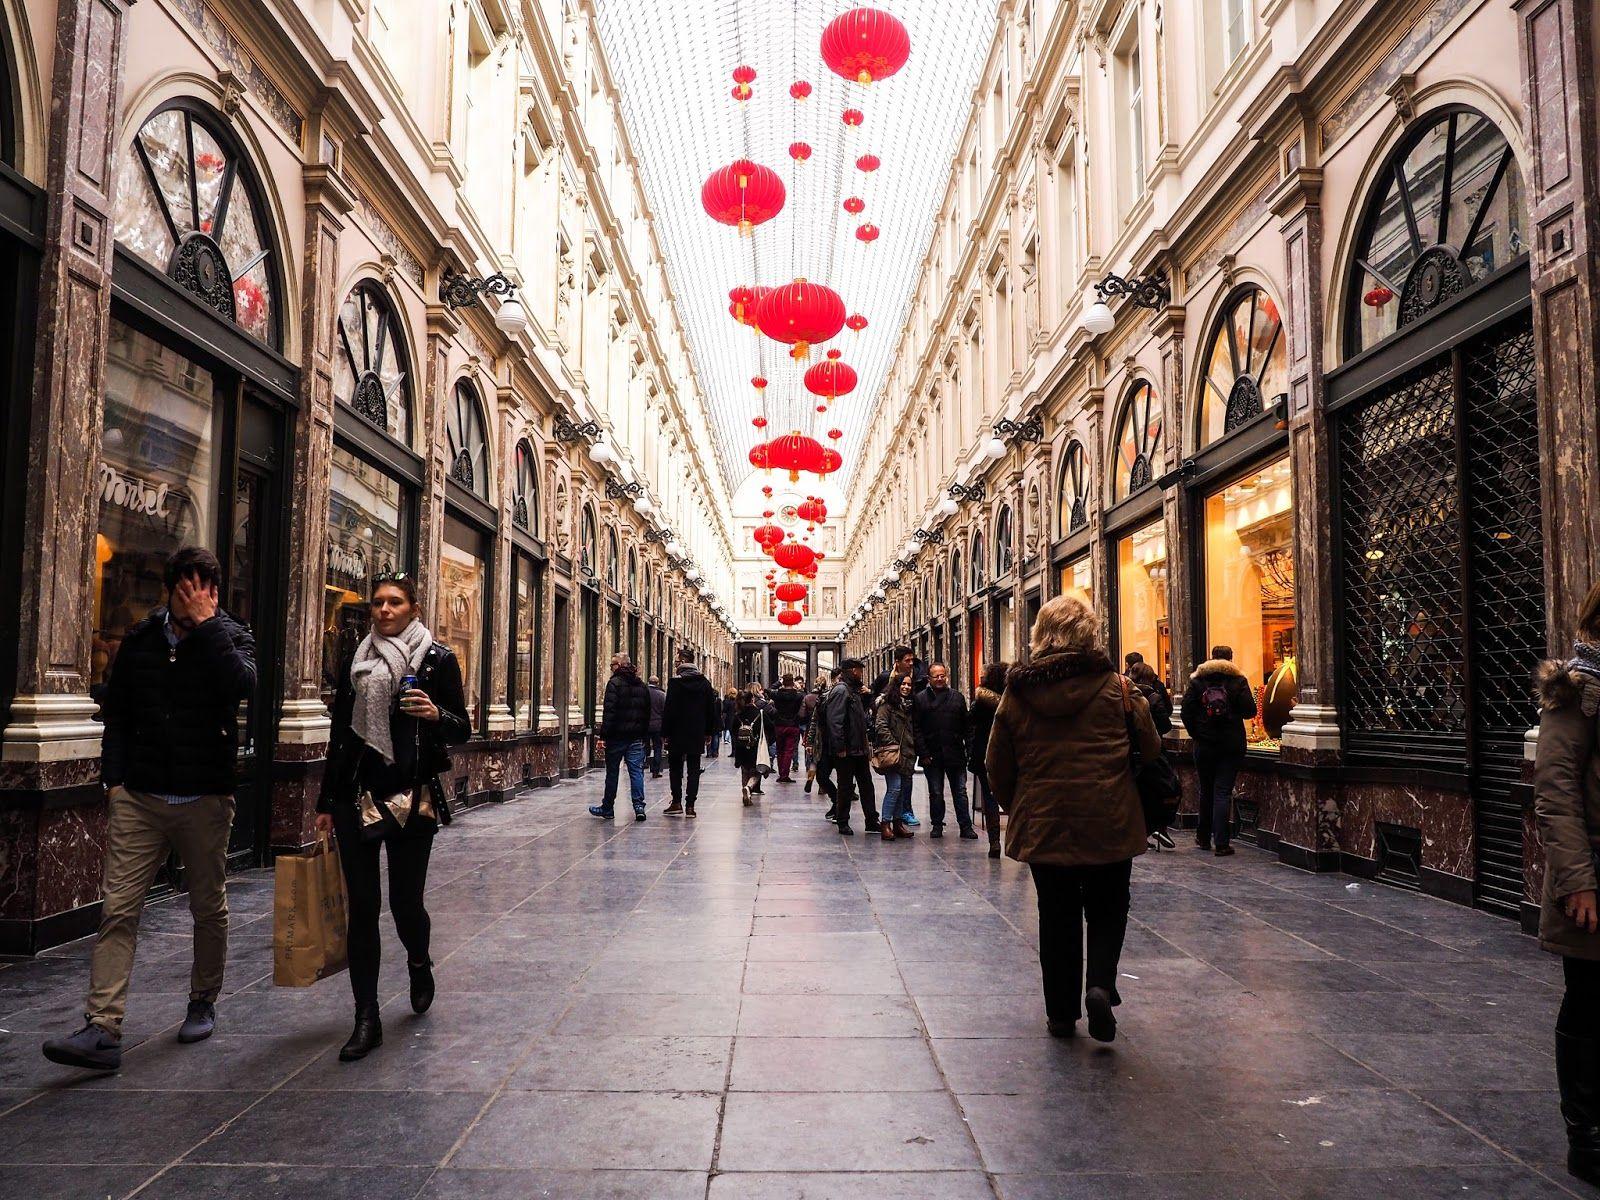 Belgique Que Voir Pendant Une Escale A Bruxelles Belgique Bruxelles Bruxelles Belgique